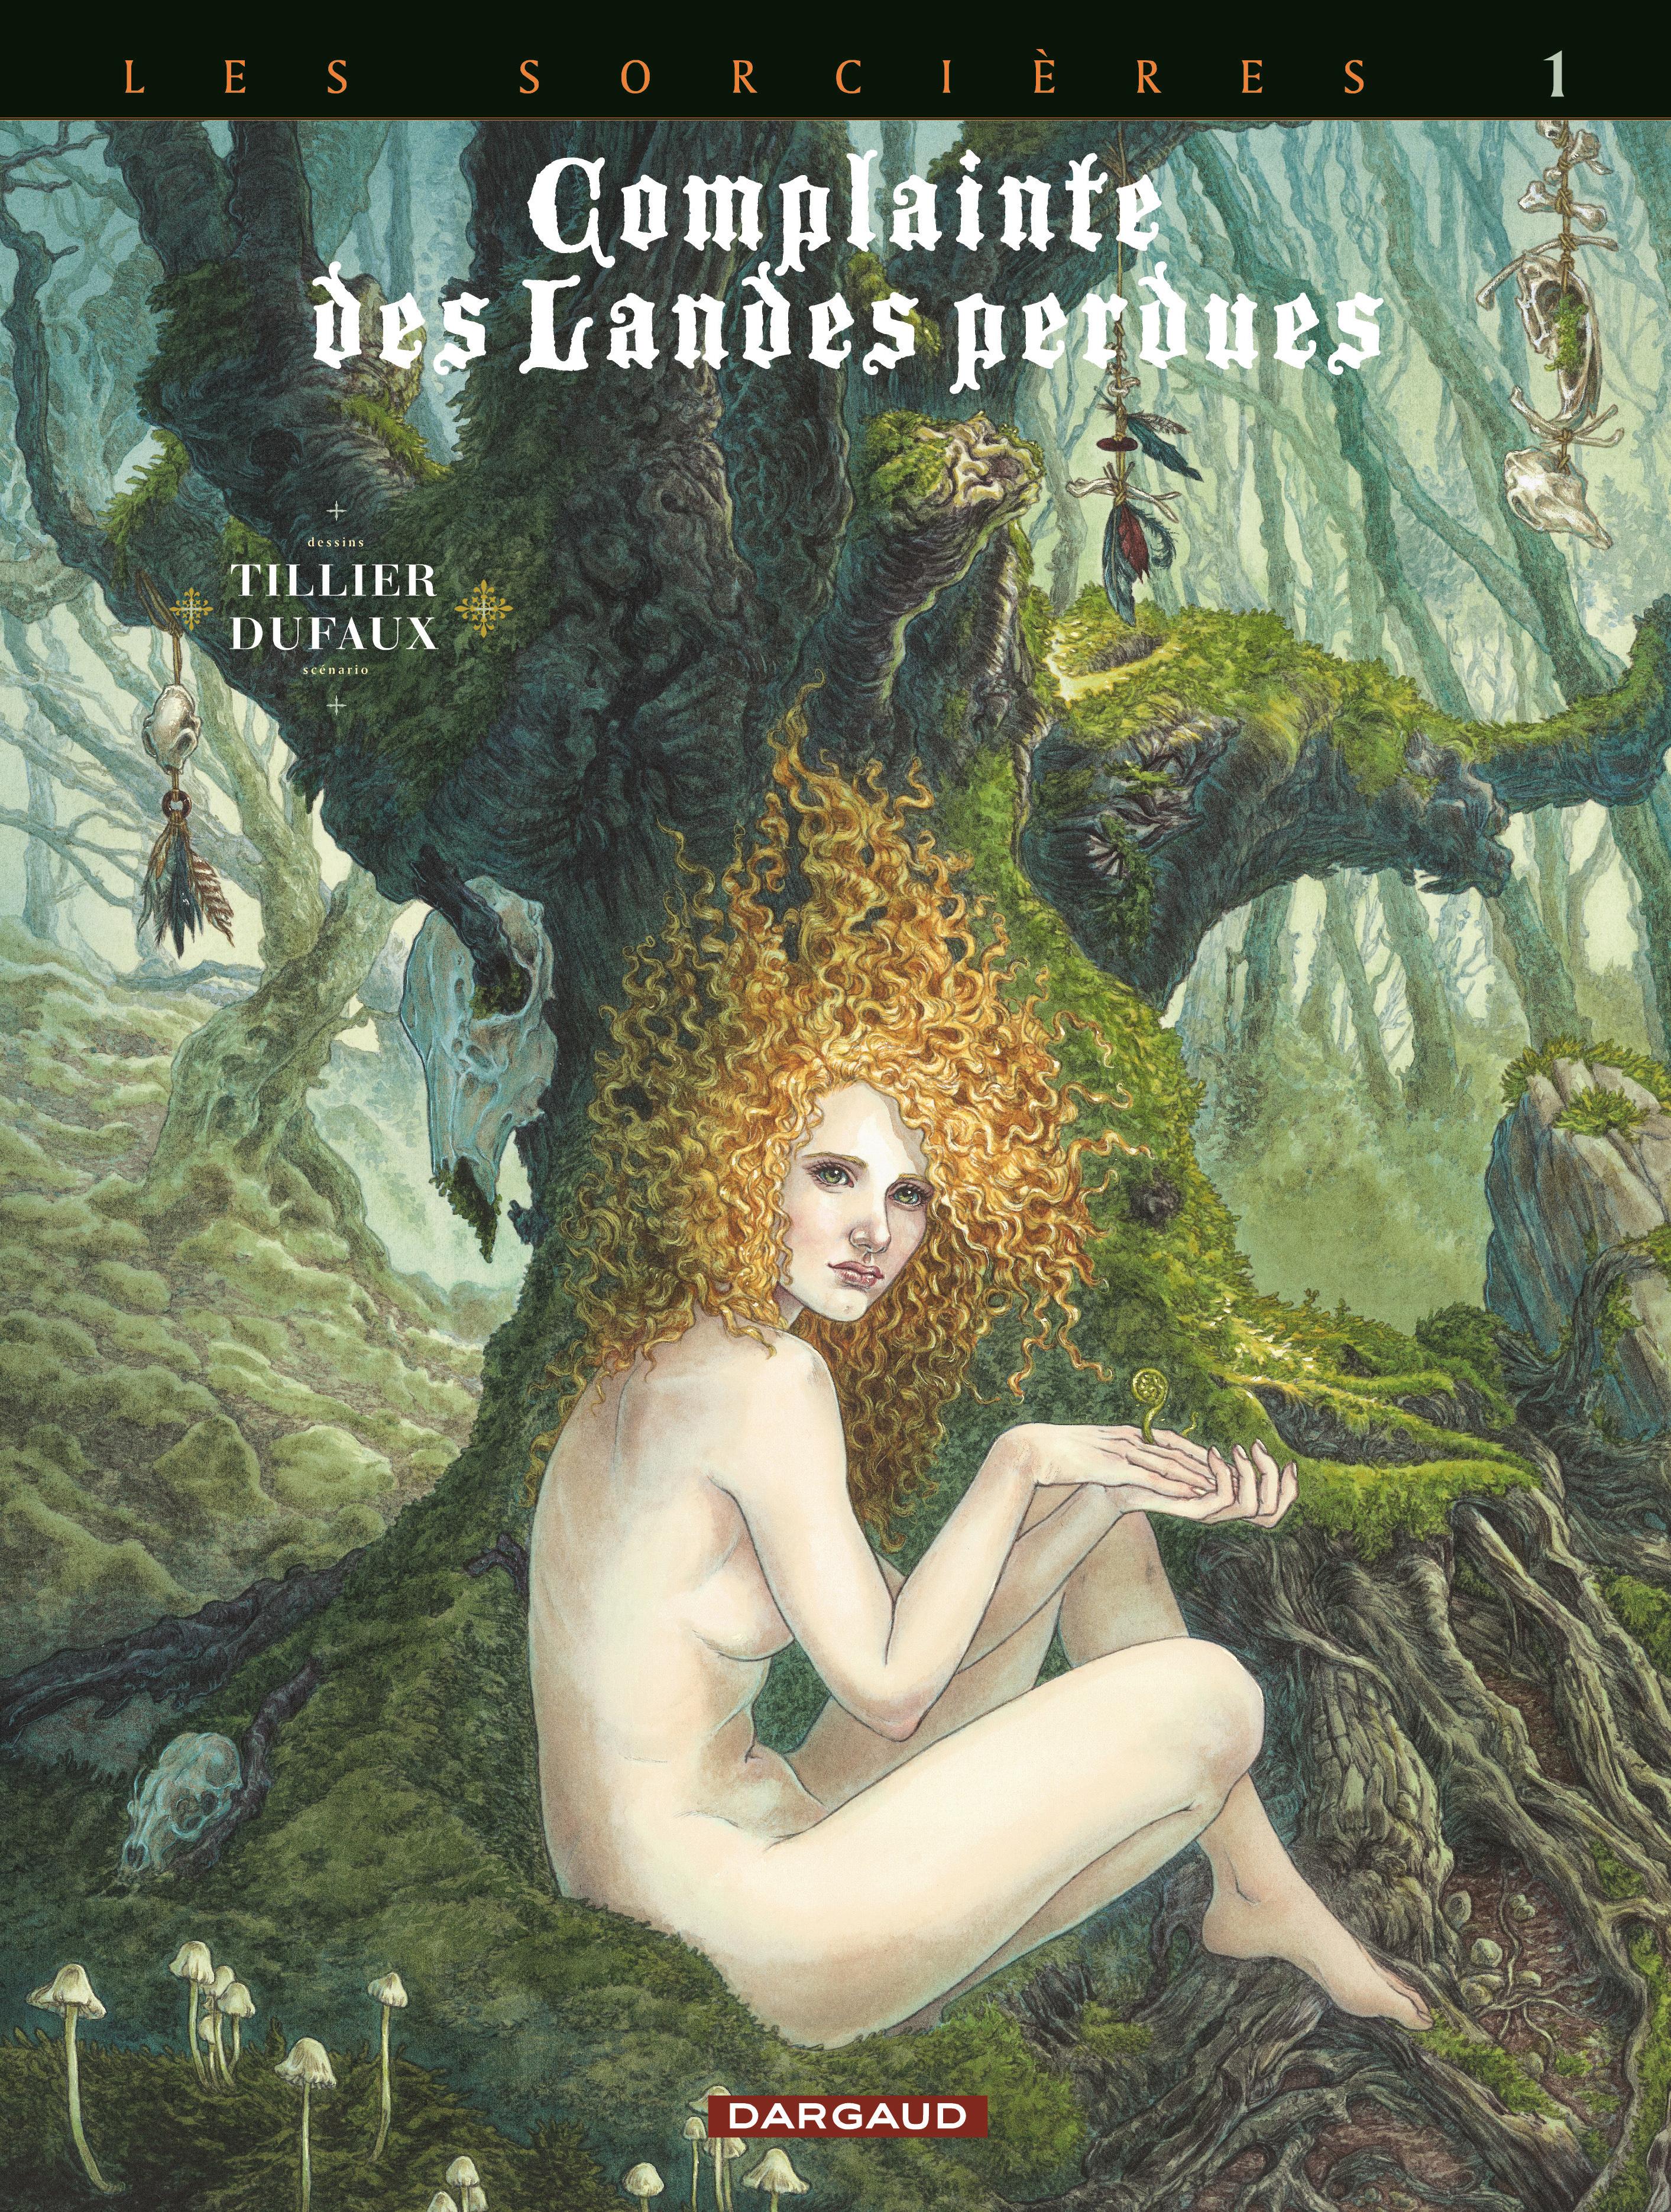 Complainte des landes perdues - Cycle 3 - Tome 1 - Tête noire